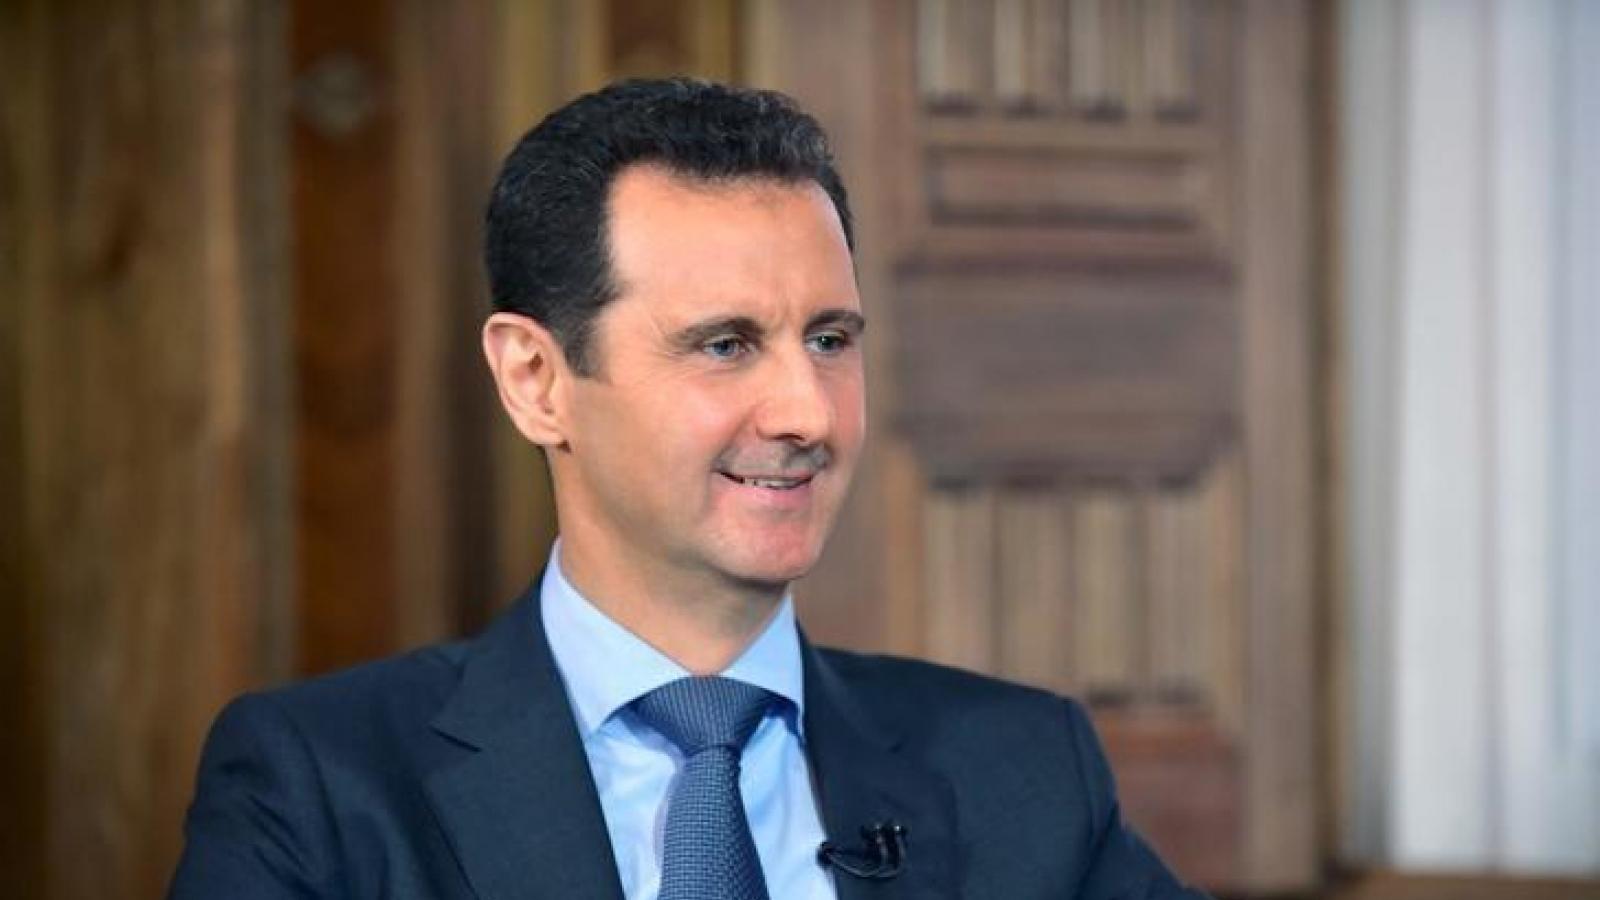 Tổng thống Syria: Mong muốn người tị nạn trở về xây dựng quê hương